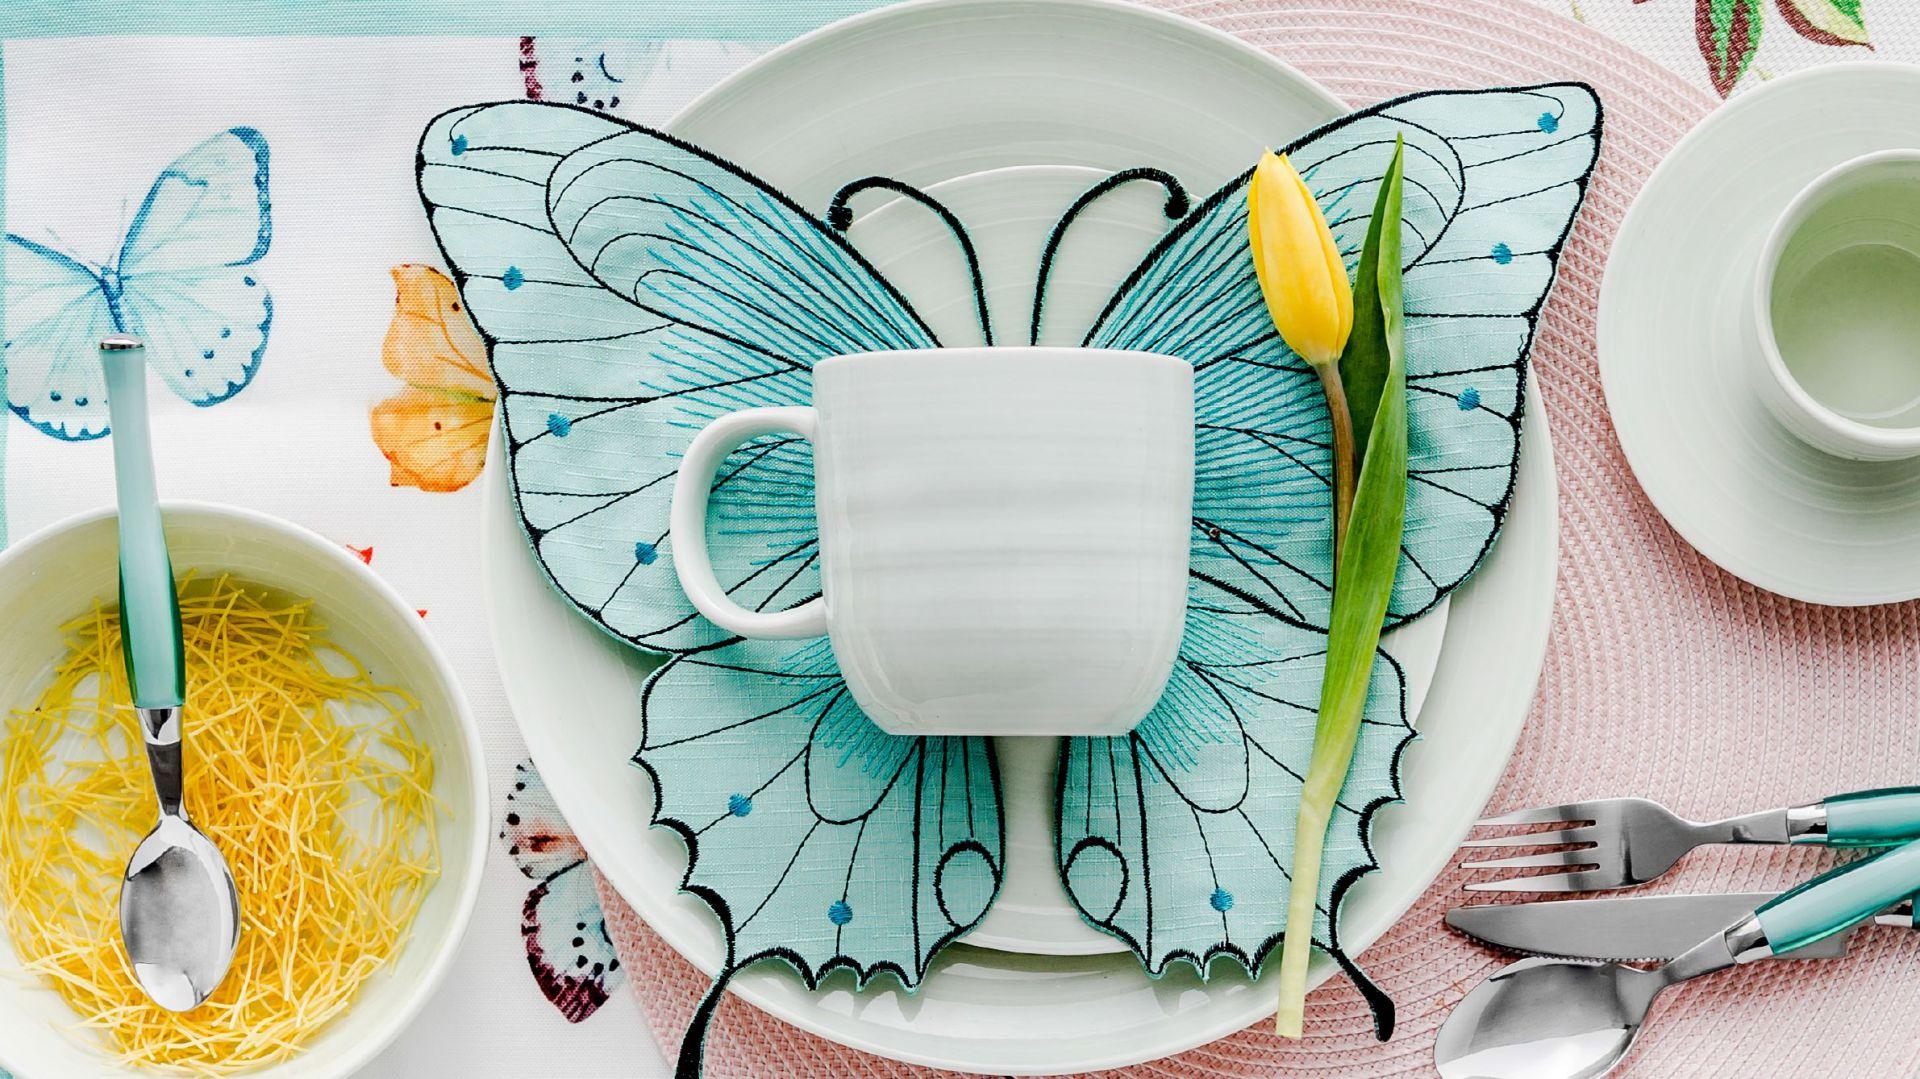 Kolorowe serwetki ALEXANDRA zachwycają zarówno kształtem pięknego motyla, jak i wiosennymi barwami. 15 zł. Fot. Home&You